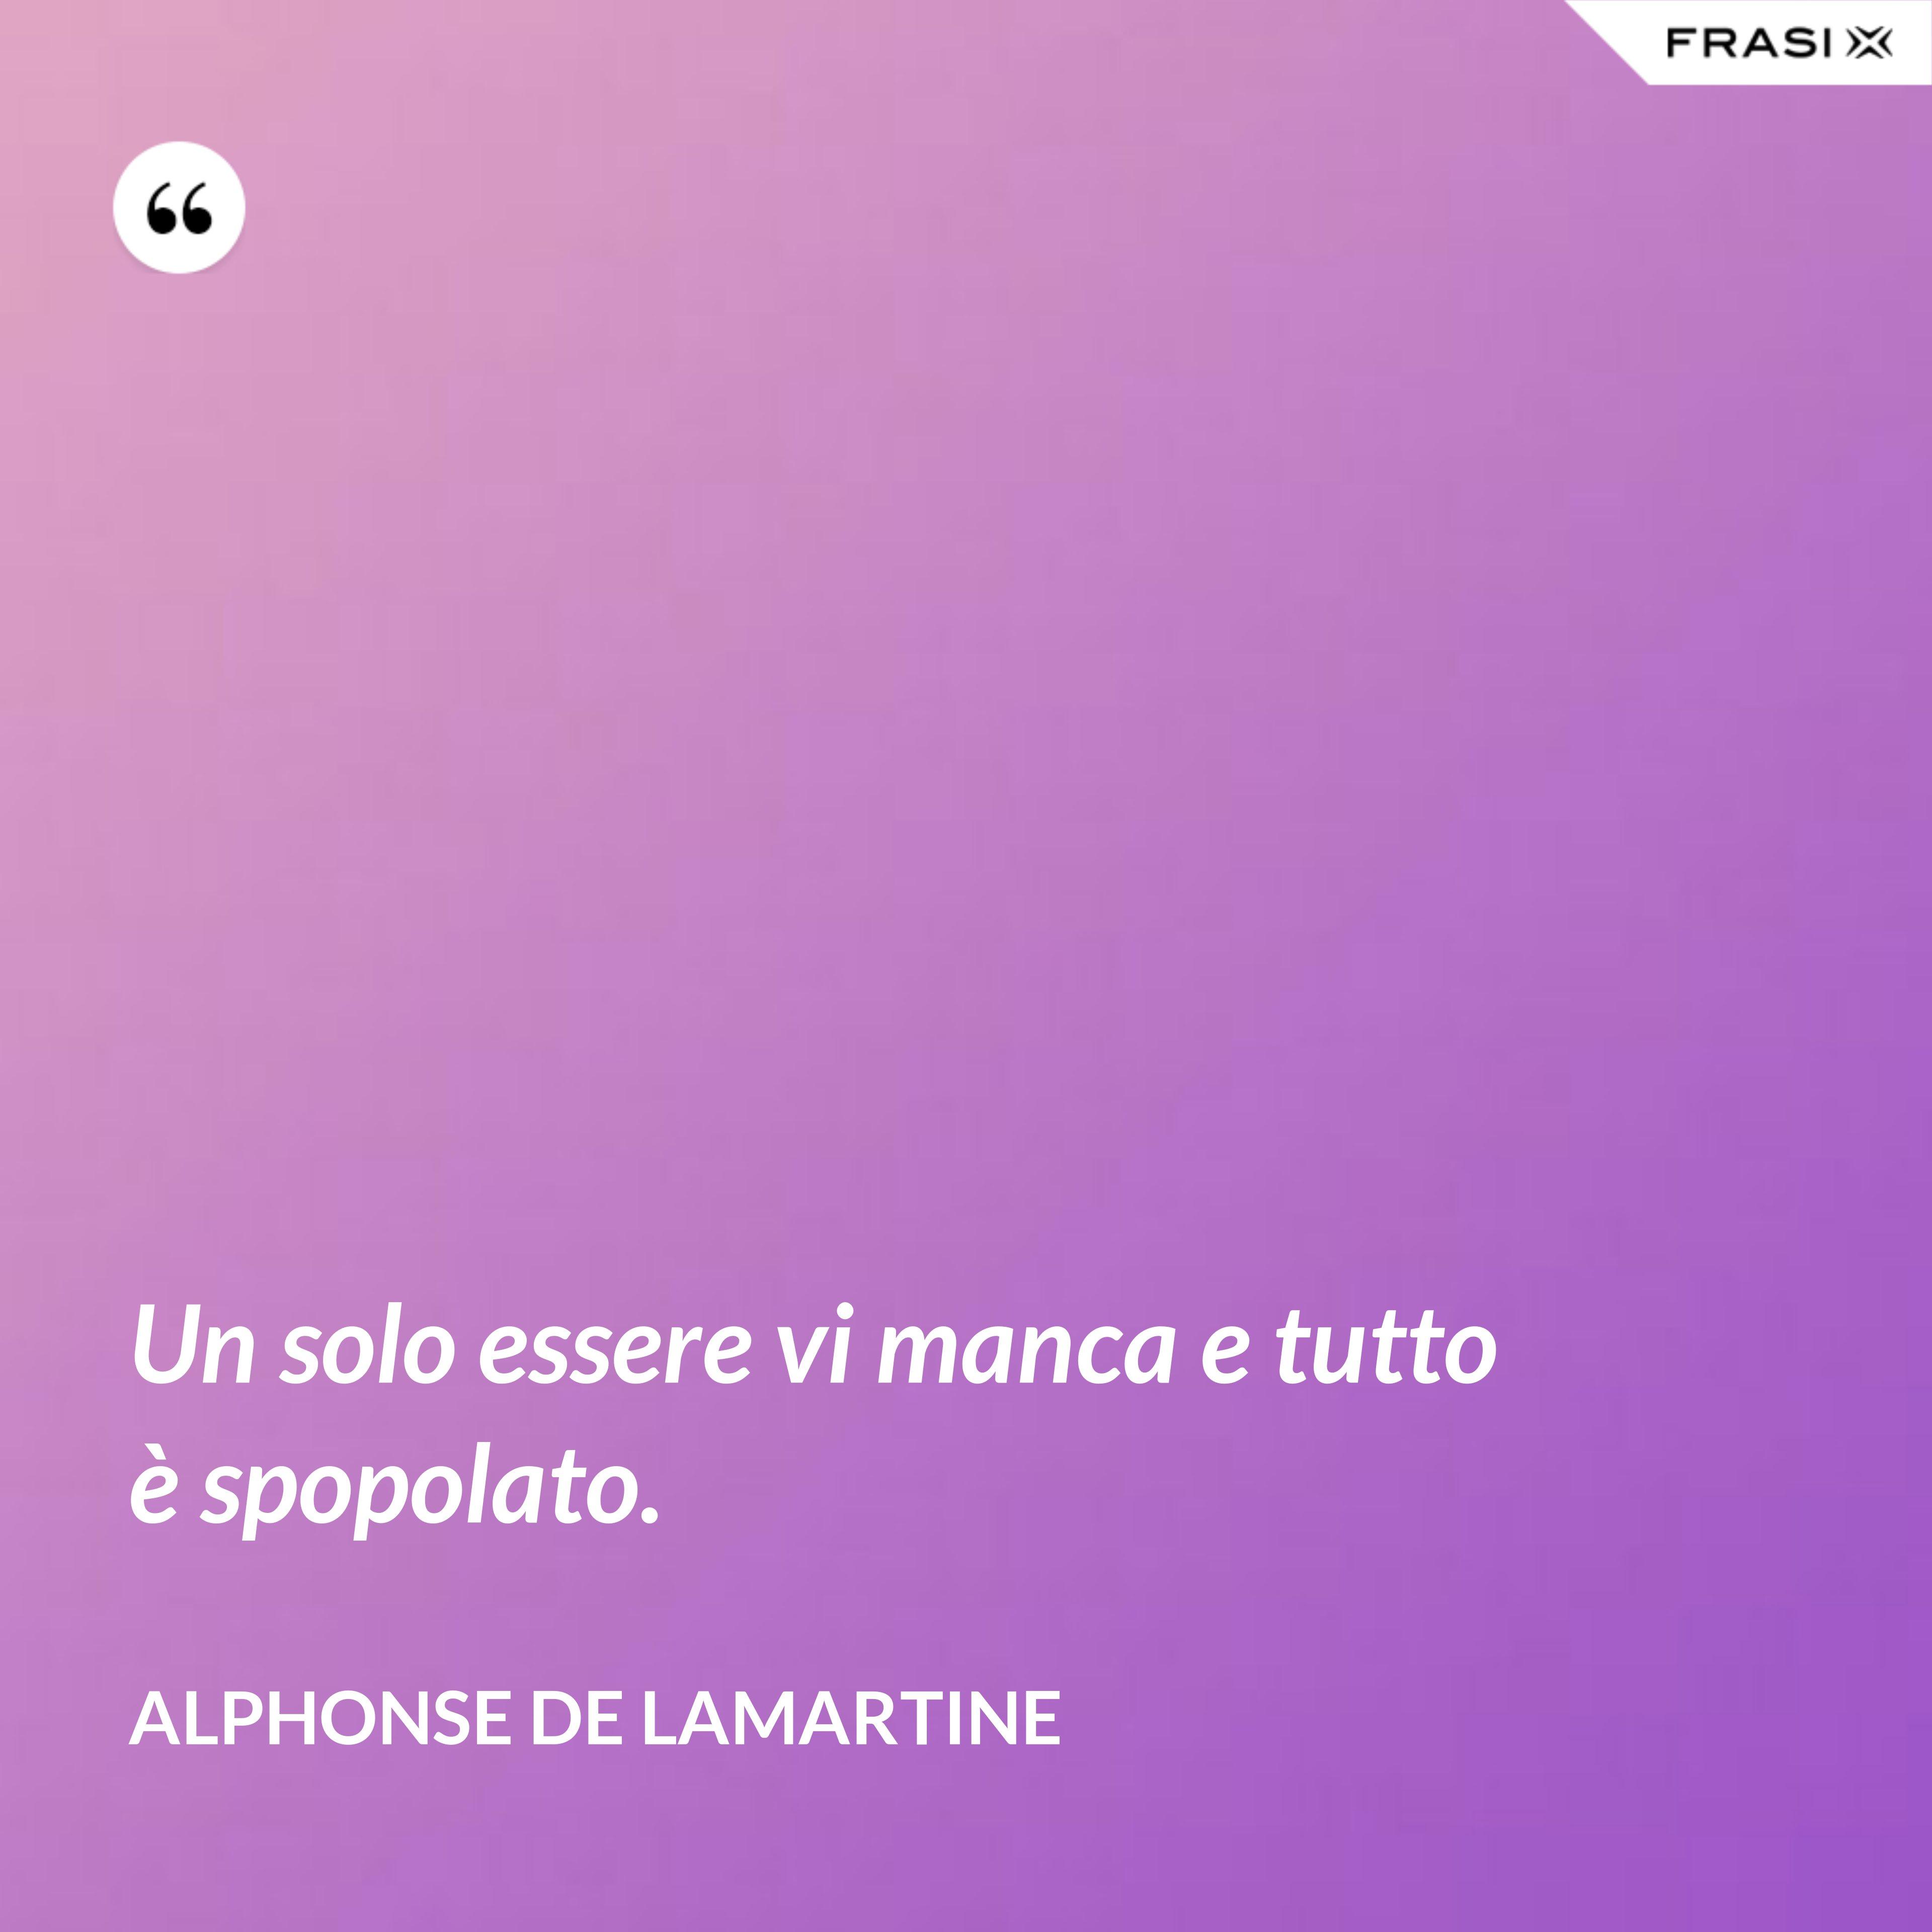 Un solo essere vi manca e tutto è spopolato. - Alphonse de Lamartine